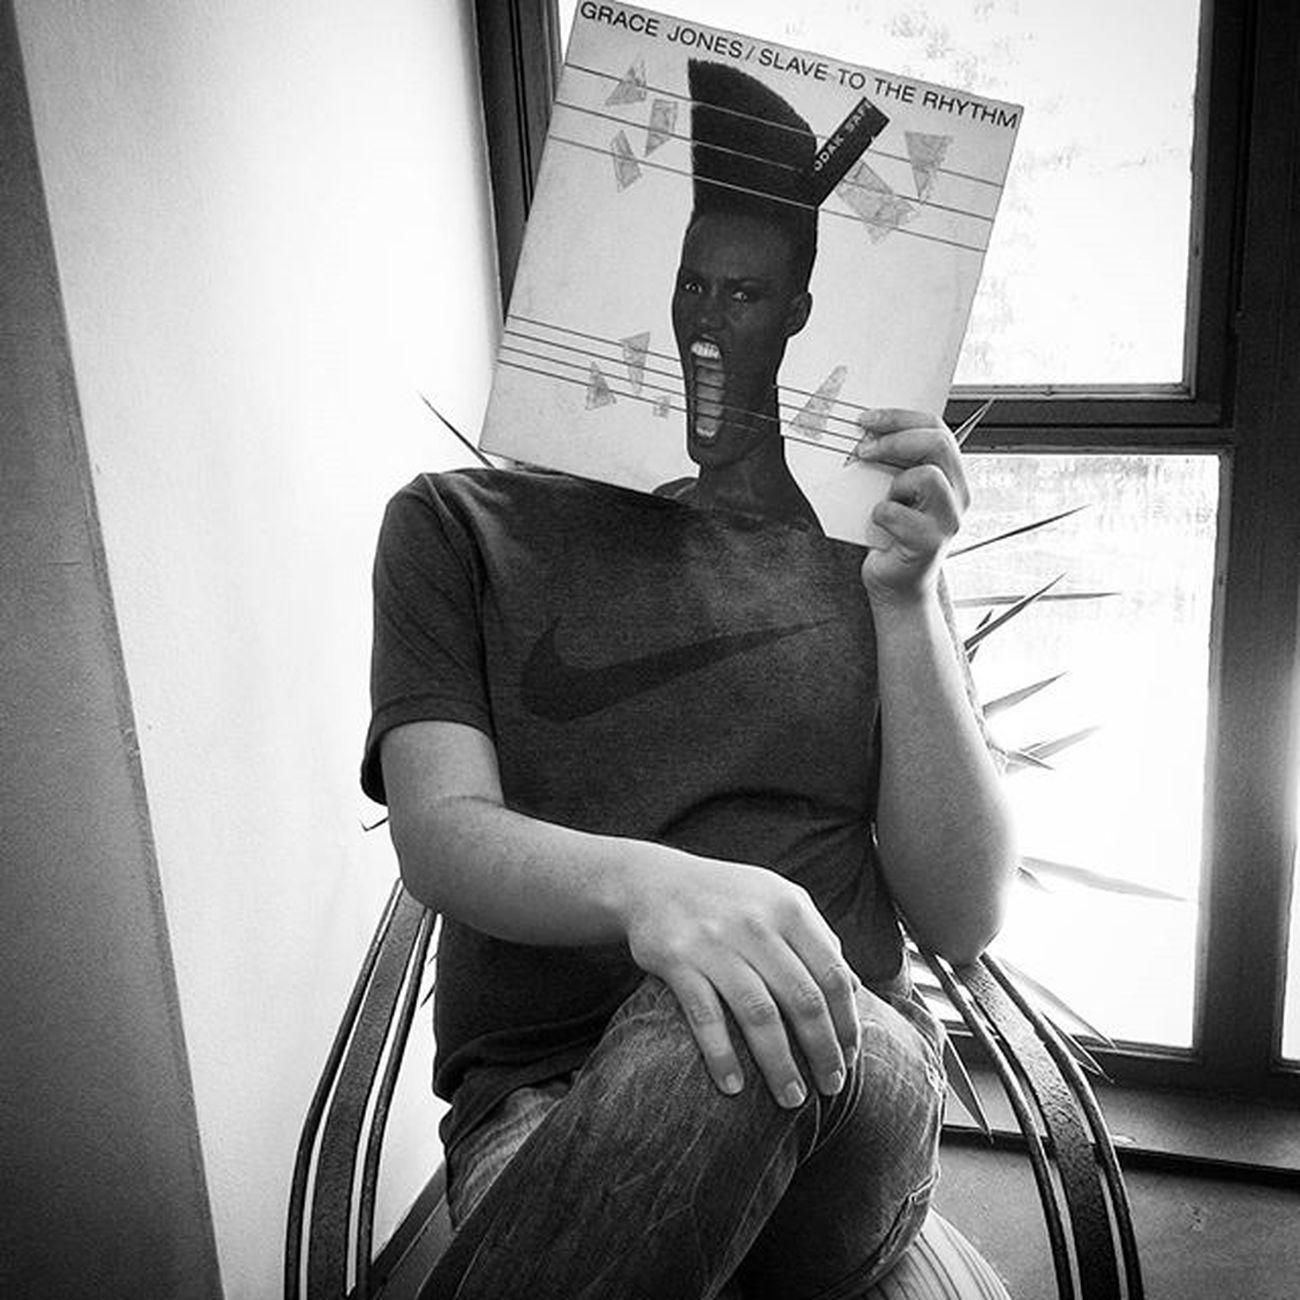 Slave To The Rhythm é um álbum fantástico, da espetacular Gracejones ... Com o toque do Trevorhorn na produção, ainda por cima, arrepia qualquer um... ;) Music Vinyl Vinil LP Retro Eighties Record Album Vinylcollector Records Vinyladdict Vinilforever